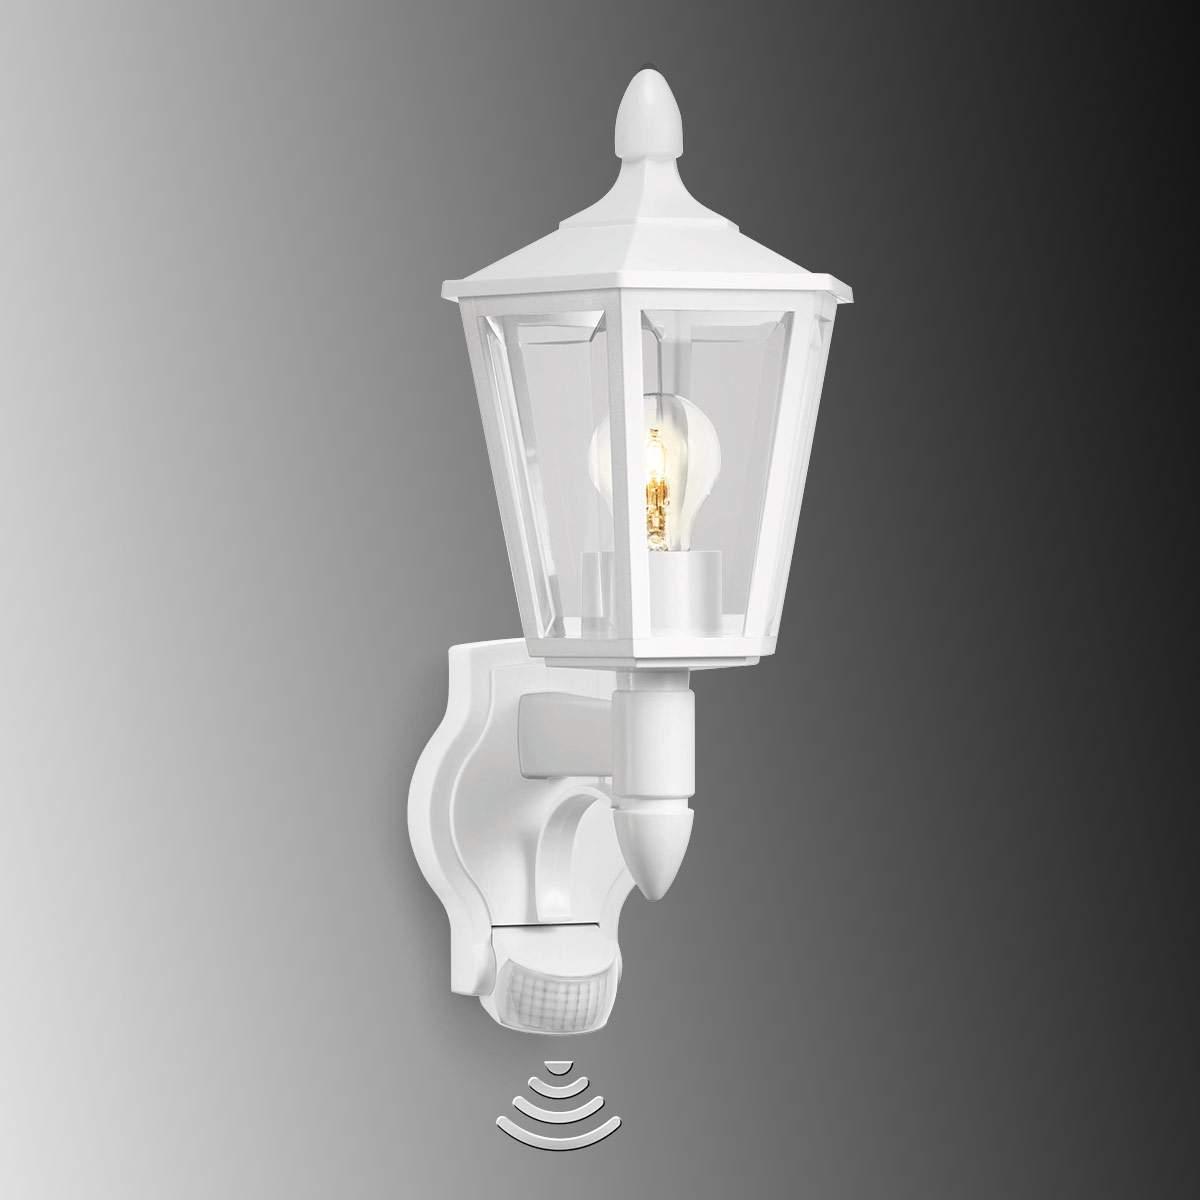 Applique da esterni con sensore L15 STEINEL Illuminazione per interni